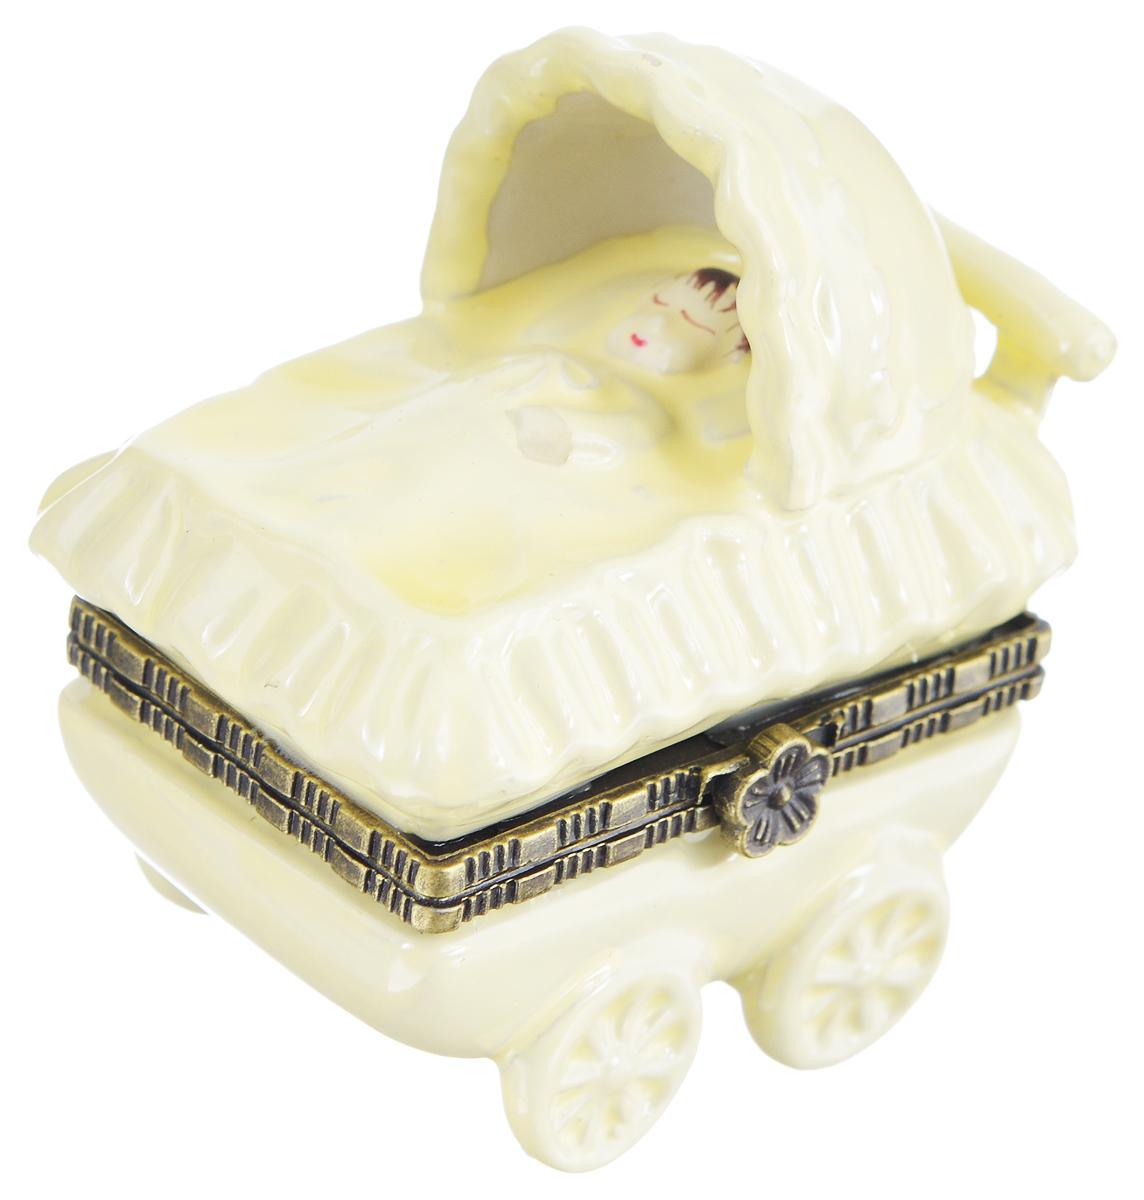 Шкатулка сувенирная Elan Gallery Коляска, 6 х 3,5 х 6 см350007Сувенирная шкатулка Elan Gallery Коляска не оставит равнодушной ни одну любительницу изысканных вещей. Изделие оформлено в виде коляски с младенцем. Такая оригинальная шкатулка может использоваться для хранения бижутерии, в качестве украшения интерьера, а также послужит хорошим подарком для родных и близких.